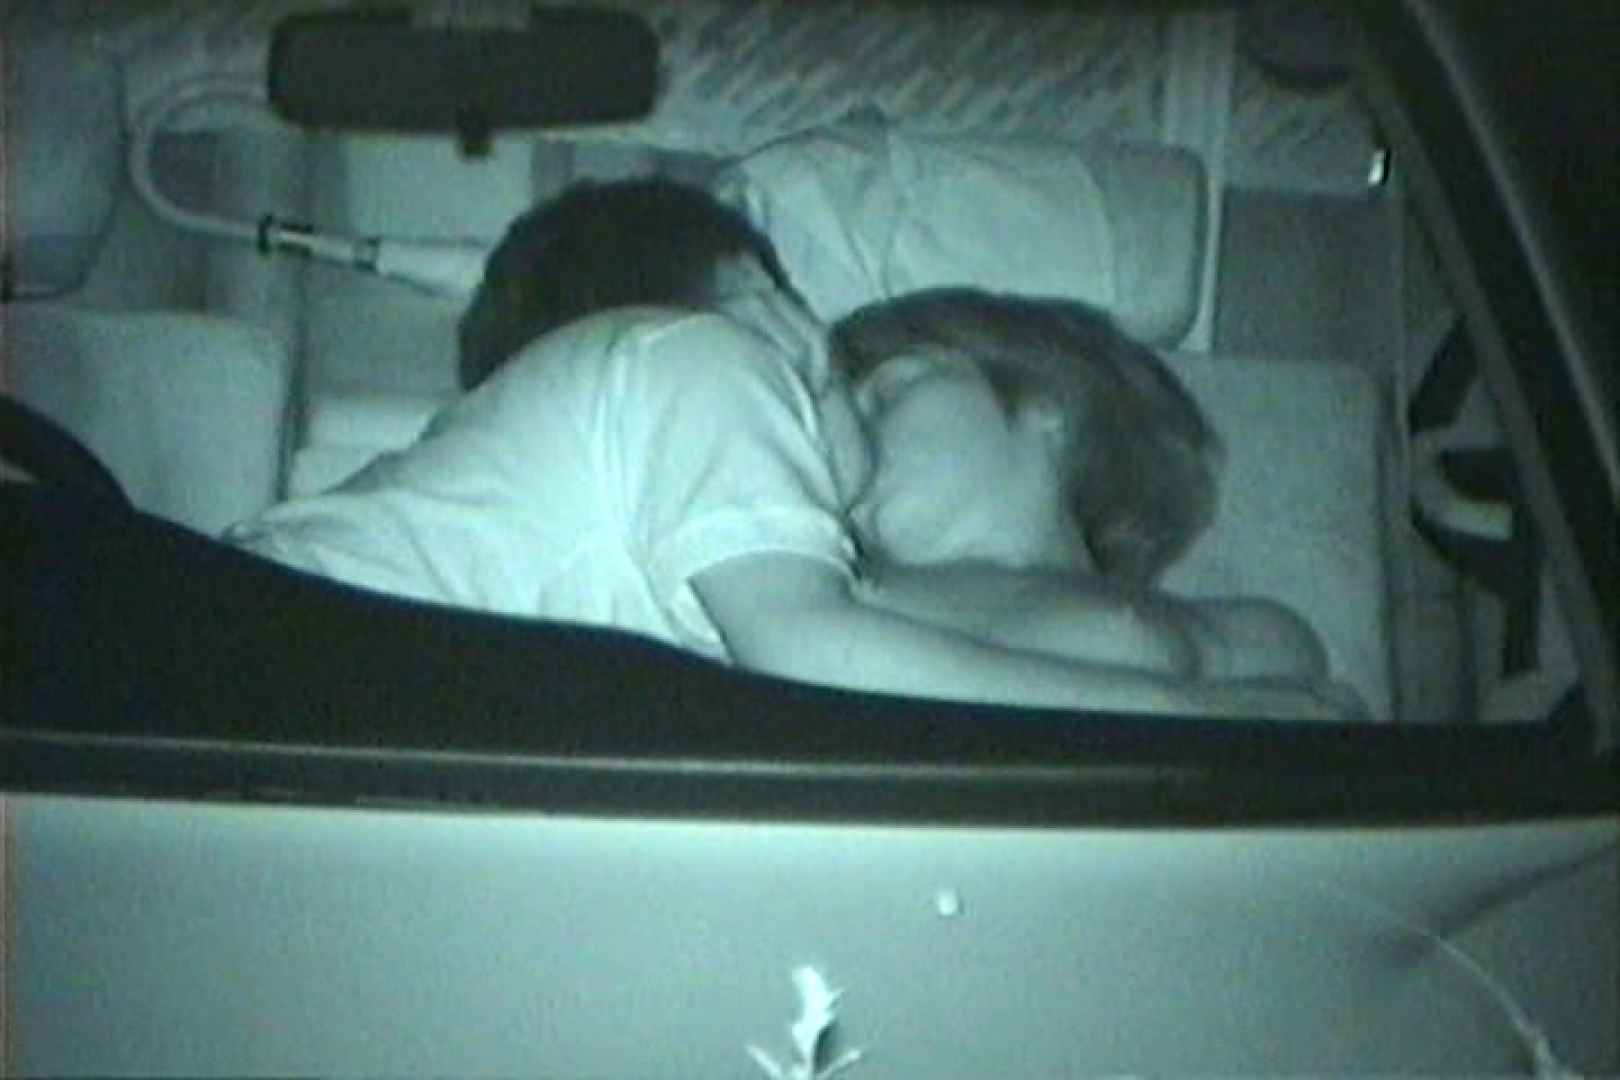 車の中はラブホテル 無修正版  Vol.24 エロティックなOL 盗み撮り動画 102画像 23